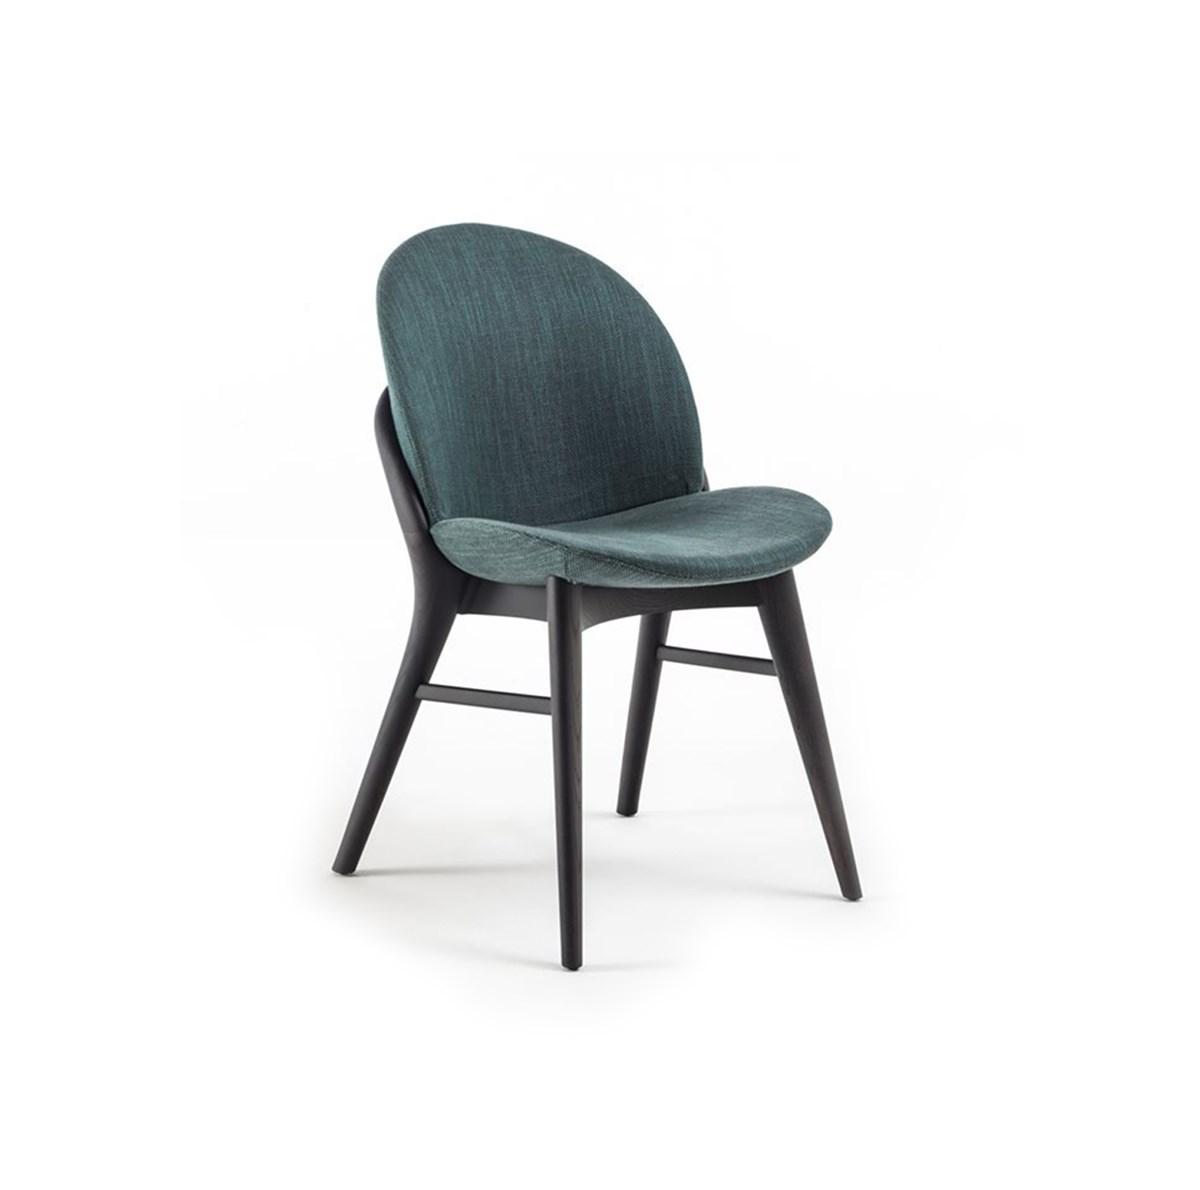 Porada-M.-Marconato-&-T.-Zappa-Lip-Chair-Matisse-1